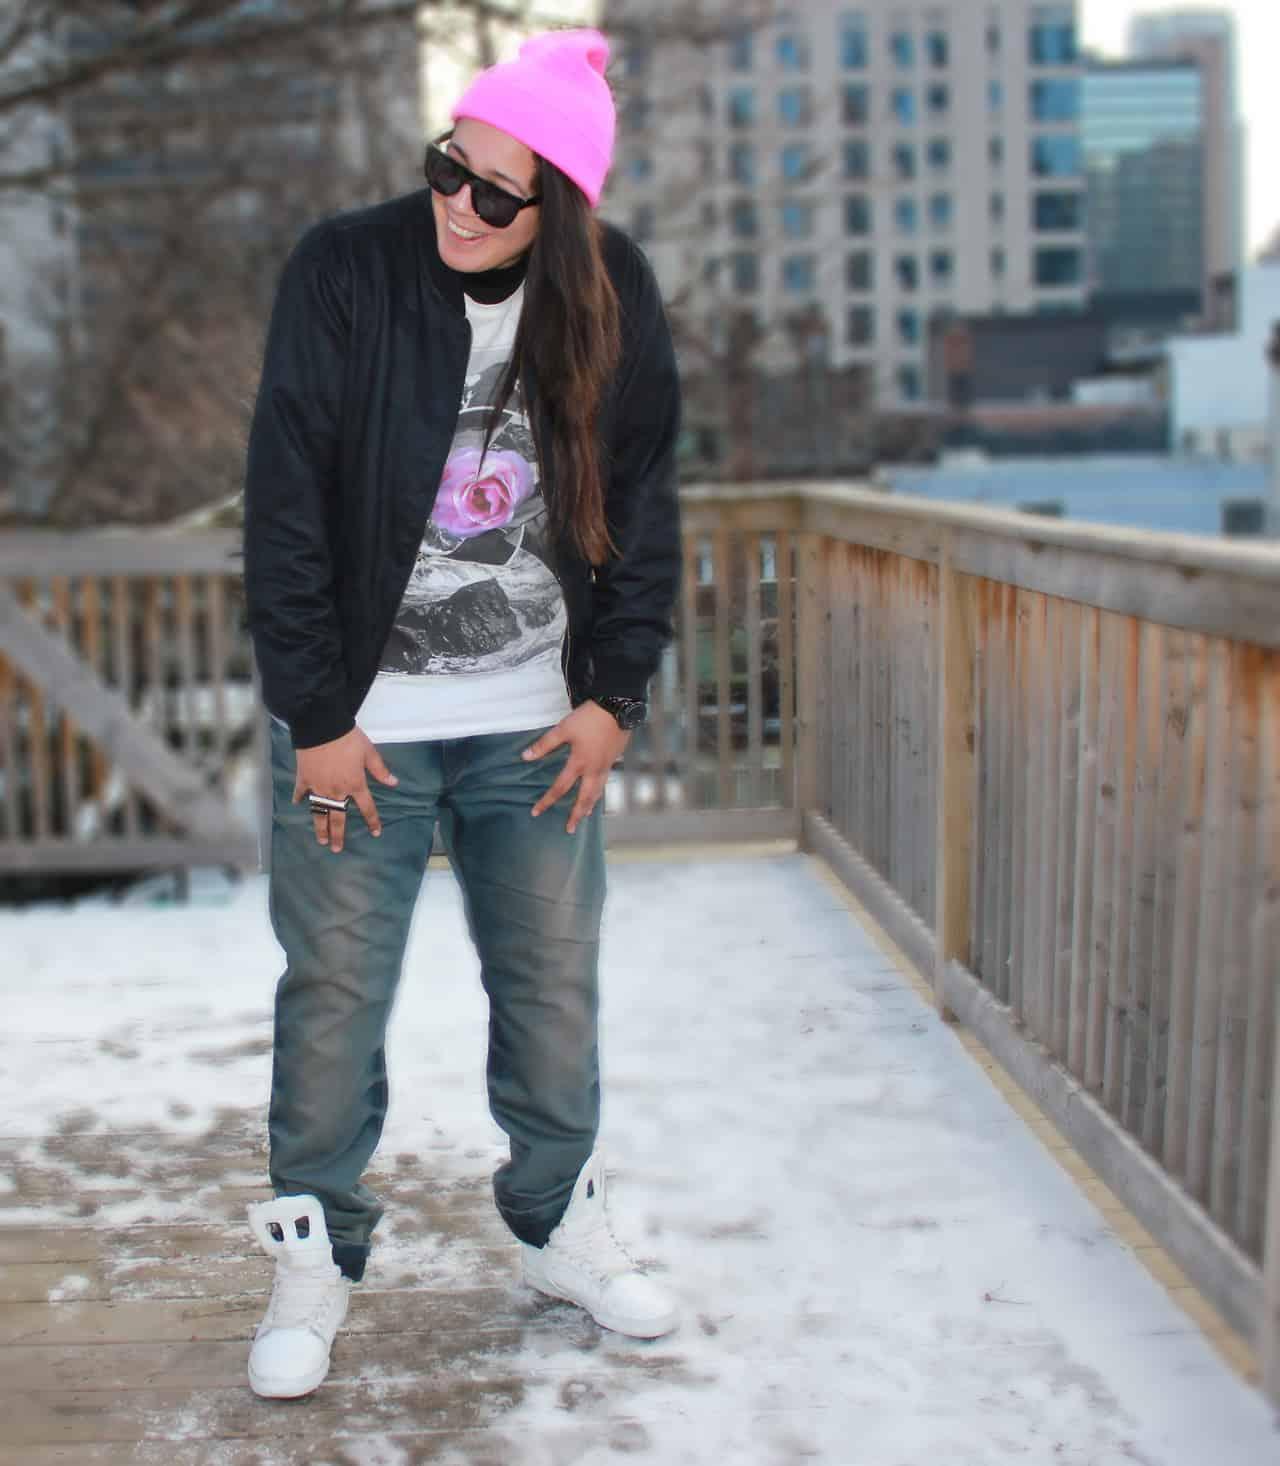 Amazing Street Style On Toronto Based Lesbian Looks